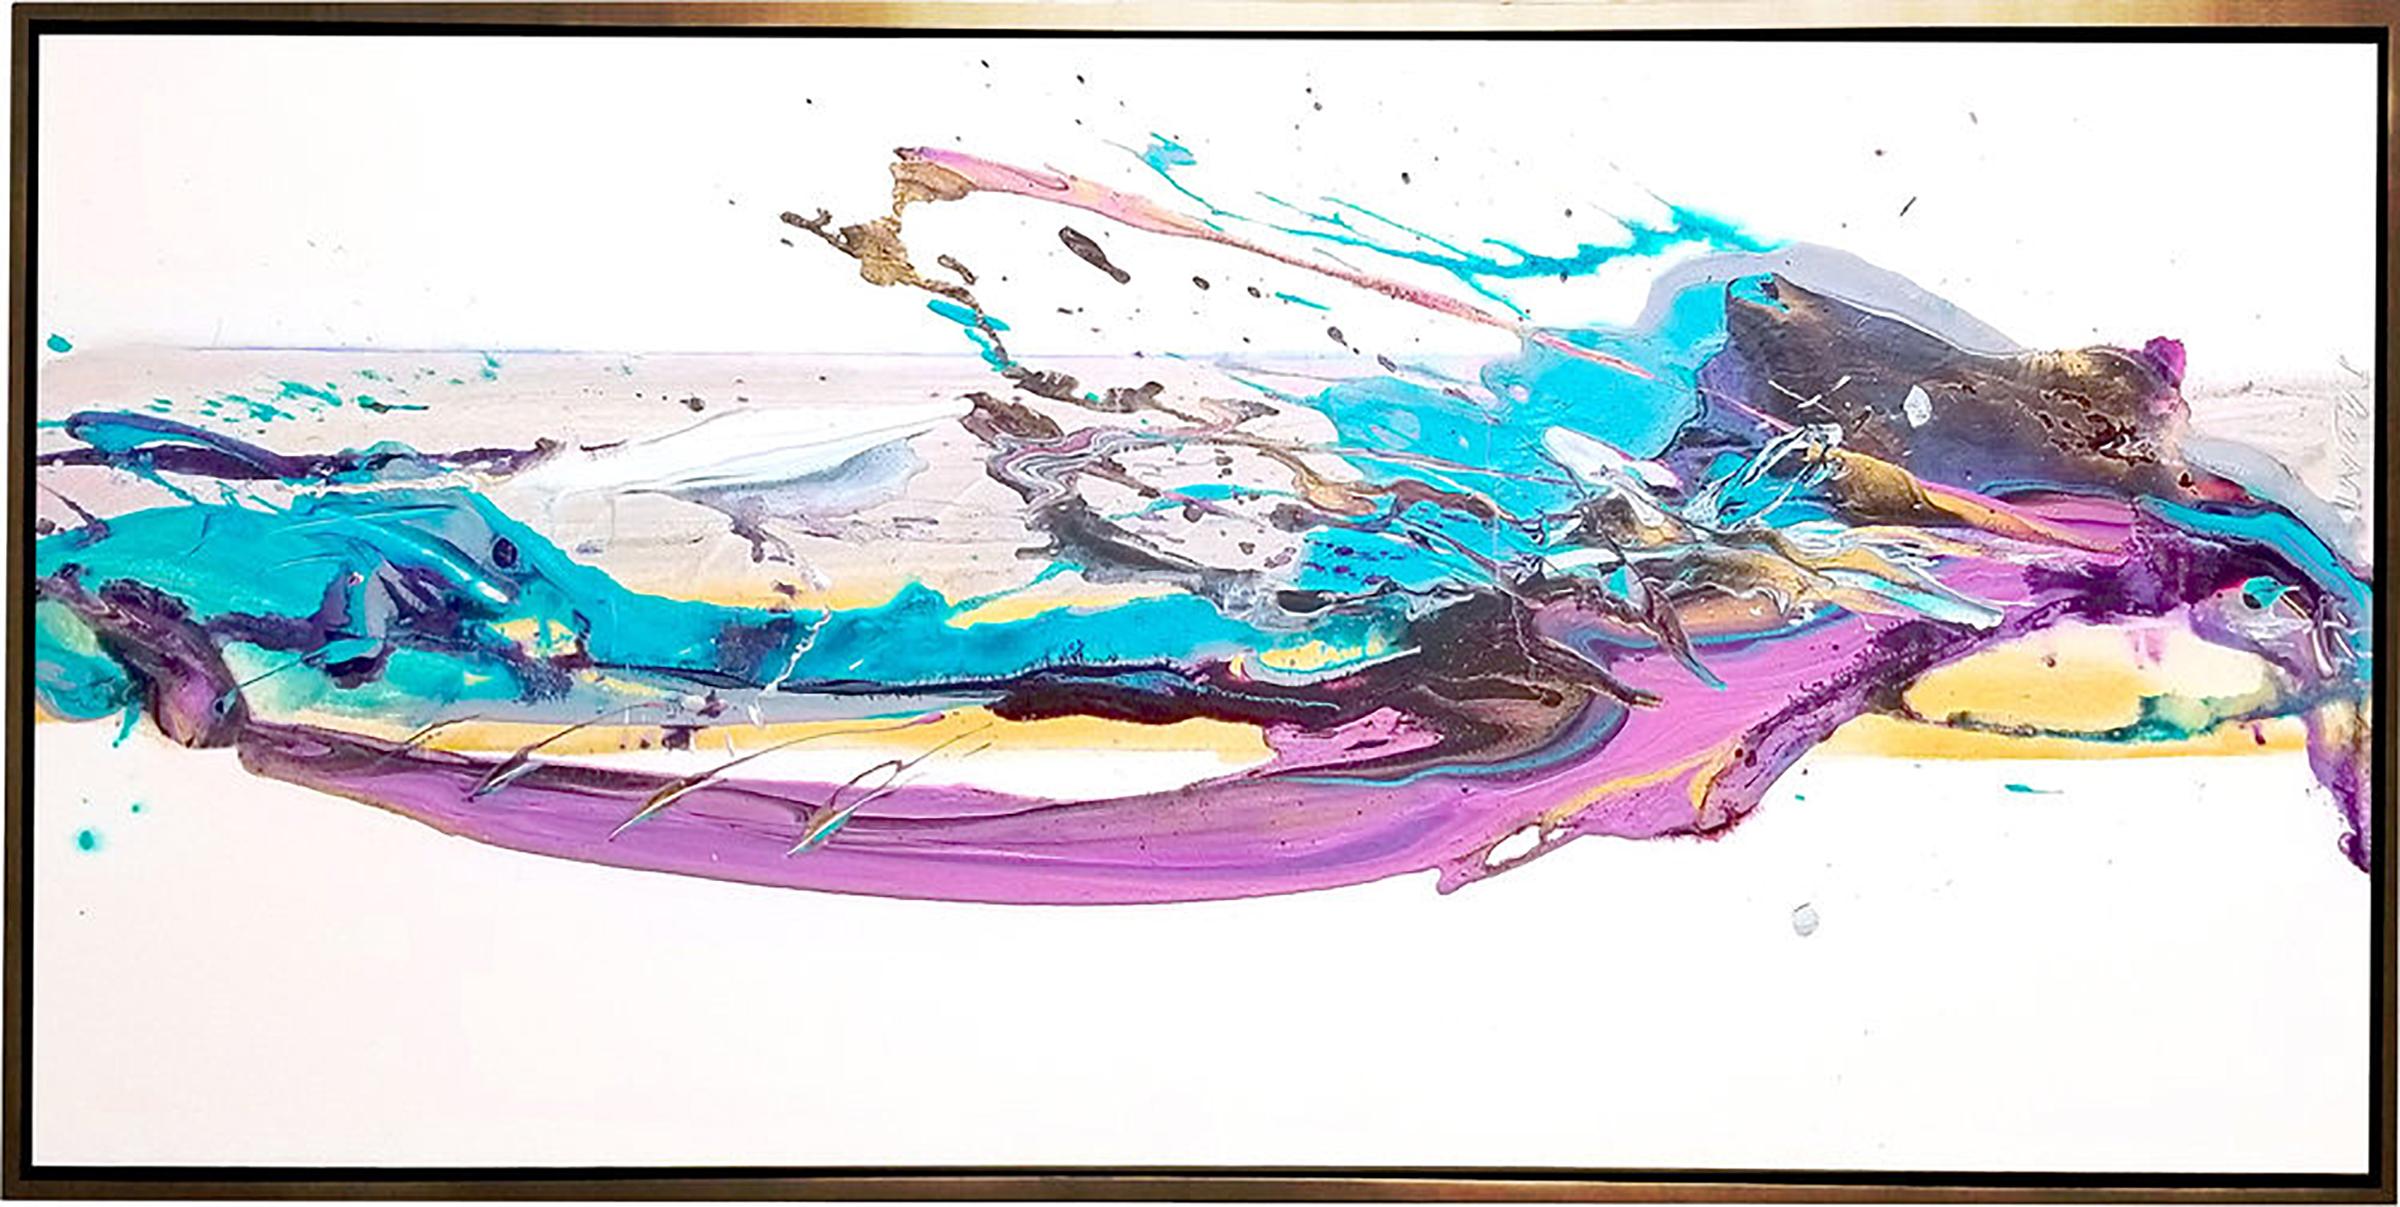 """SP² #63, 2018, acrylic on canvas, 24"""" x 60"""" (61 x 152.4 cm)"""